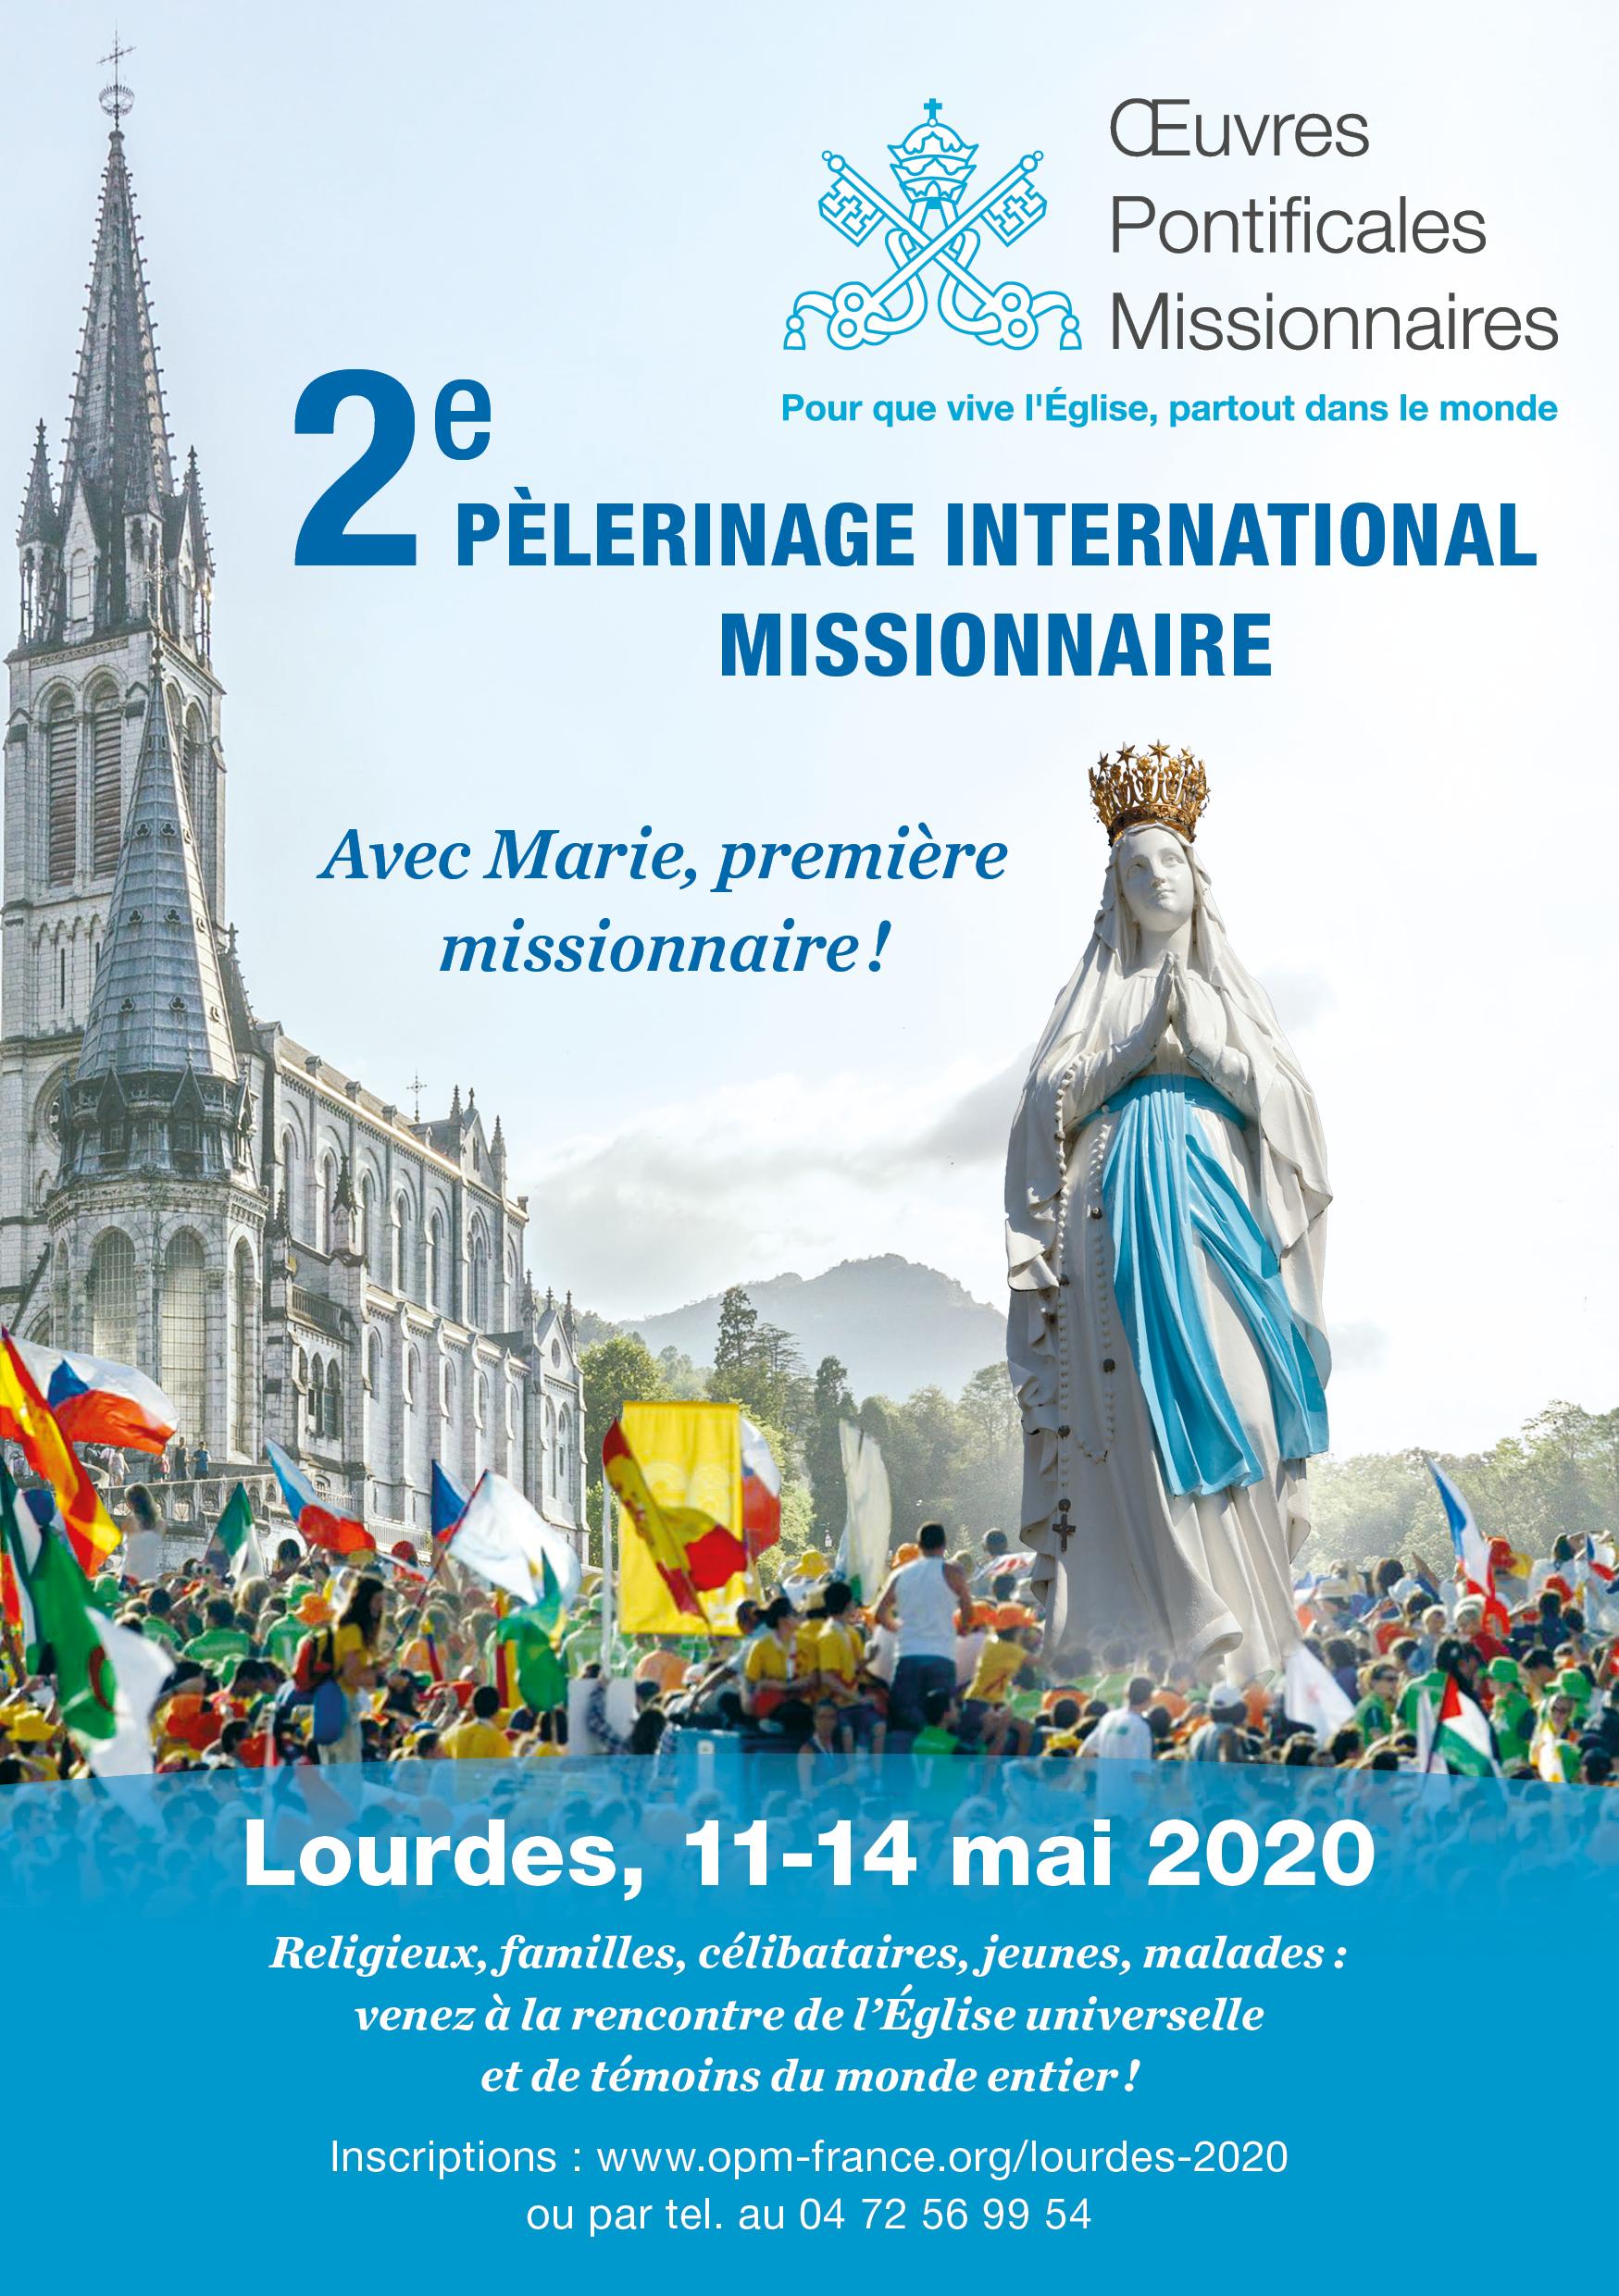 Pèlerinage à Lourdes en mai... Inscriptions ouvertes !